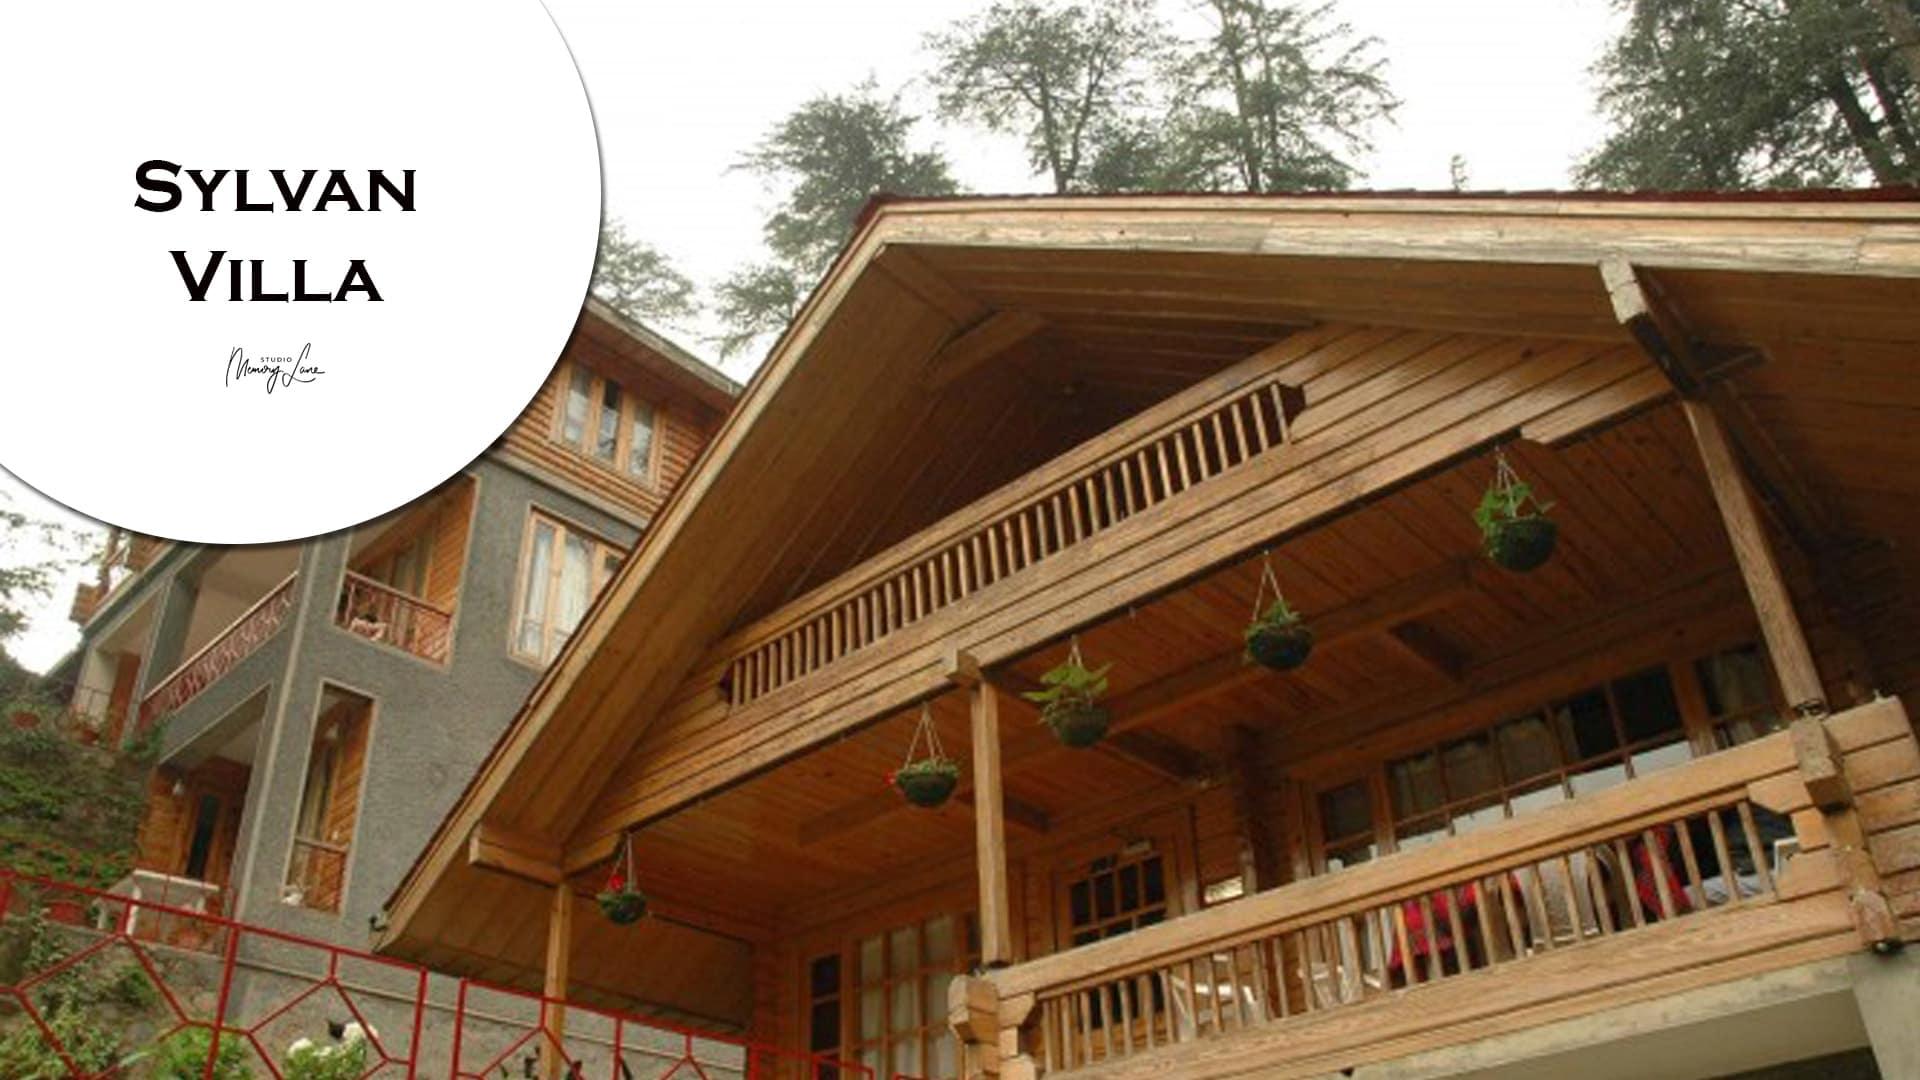 Sylvan Villa - pre-wedding location Chandigarh